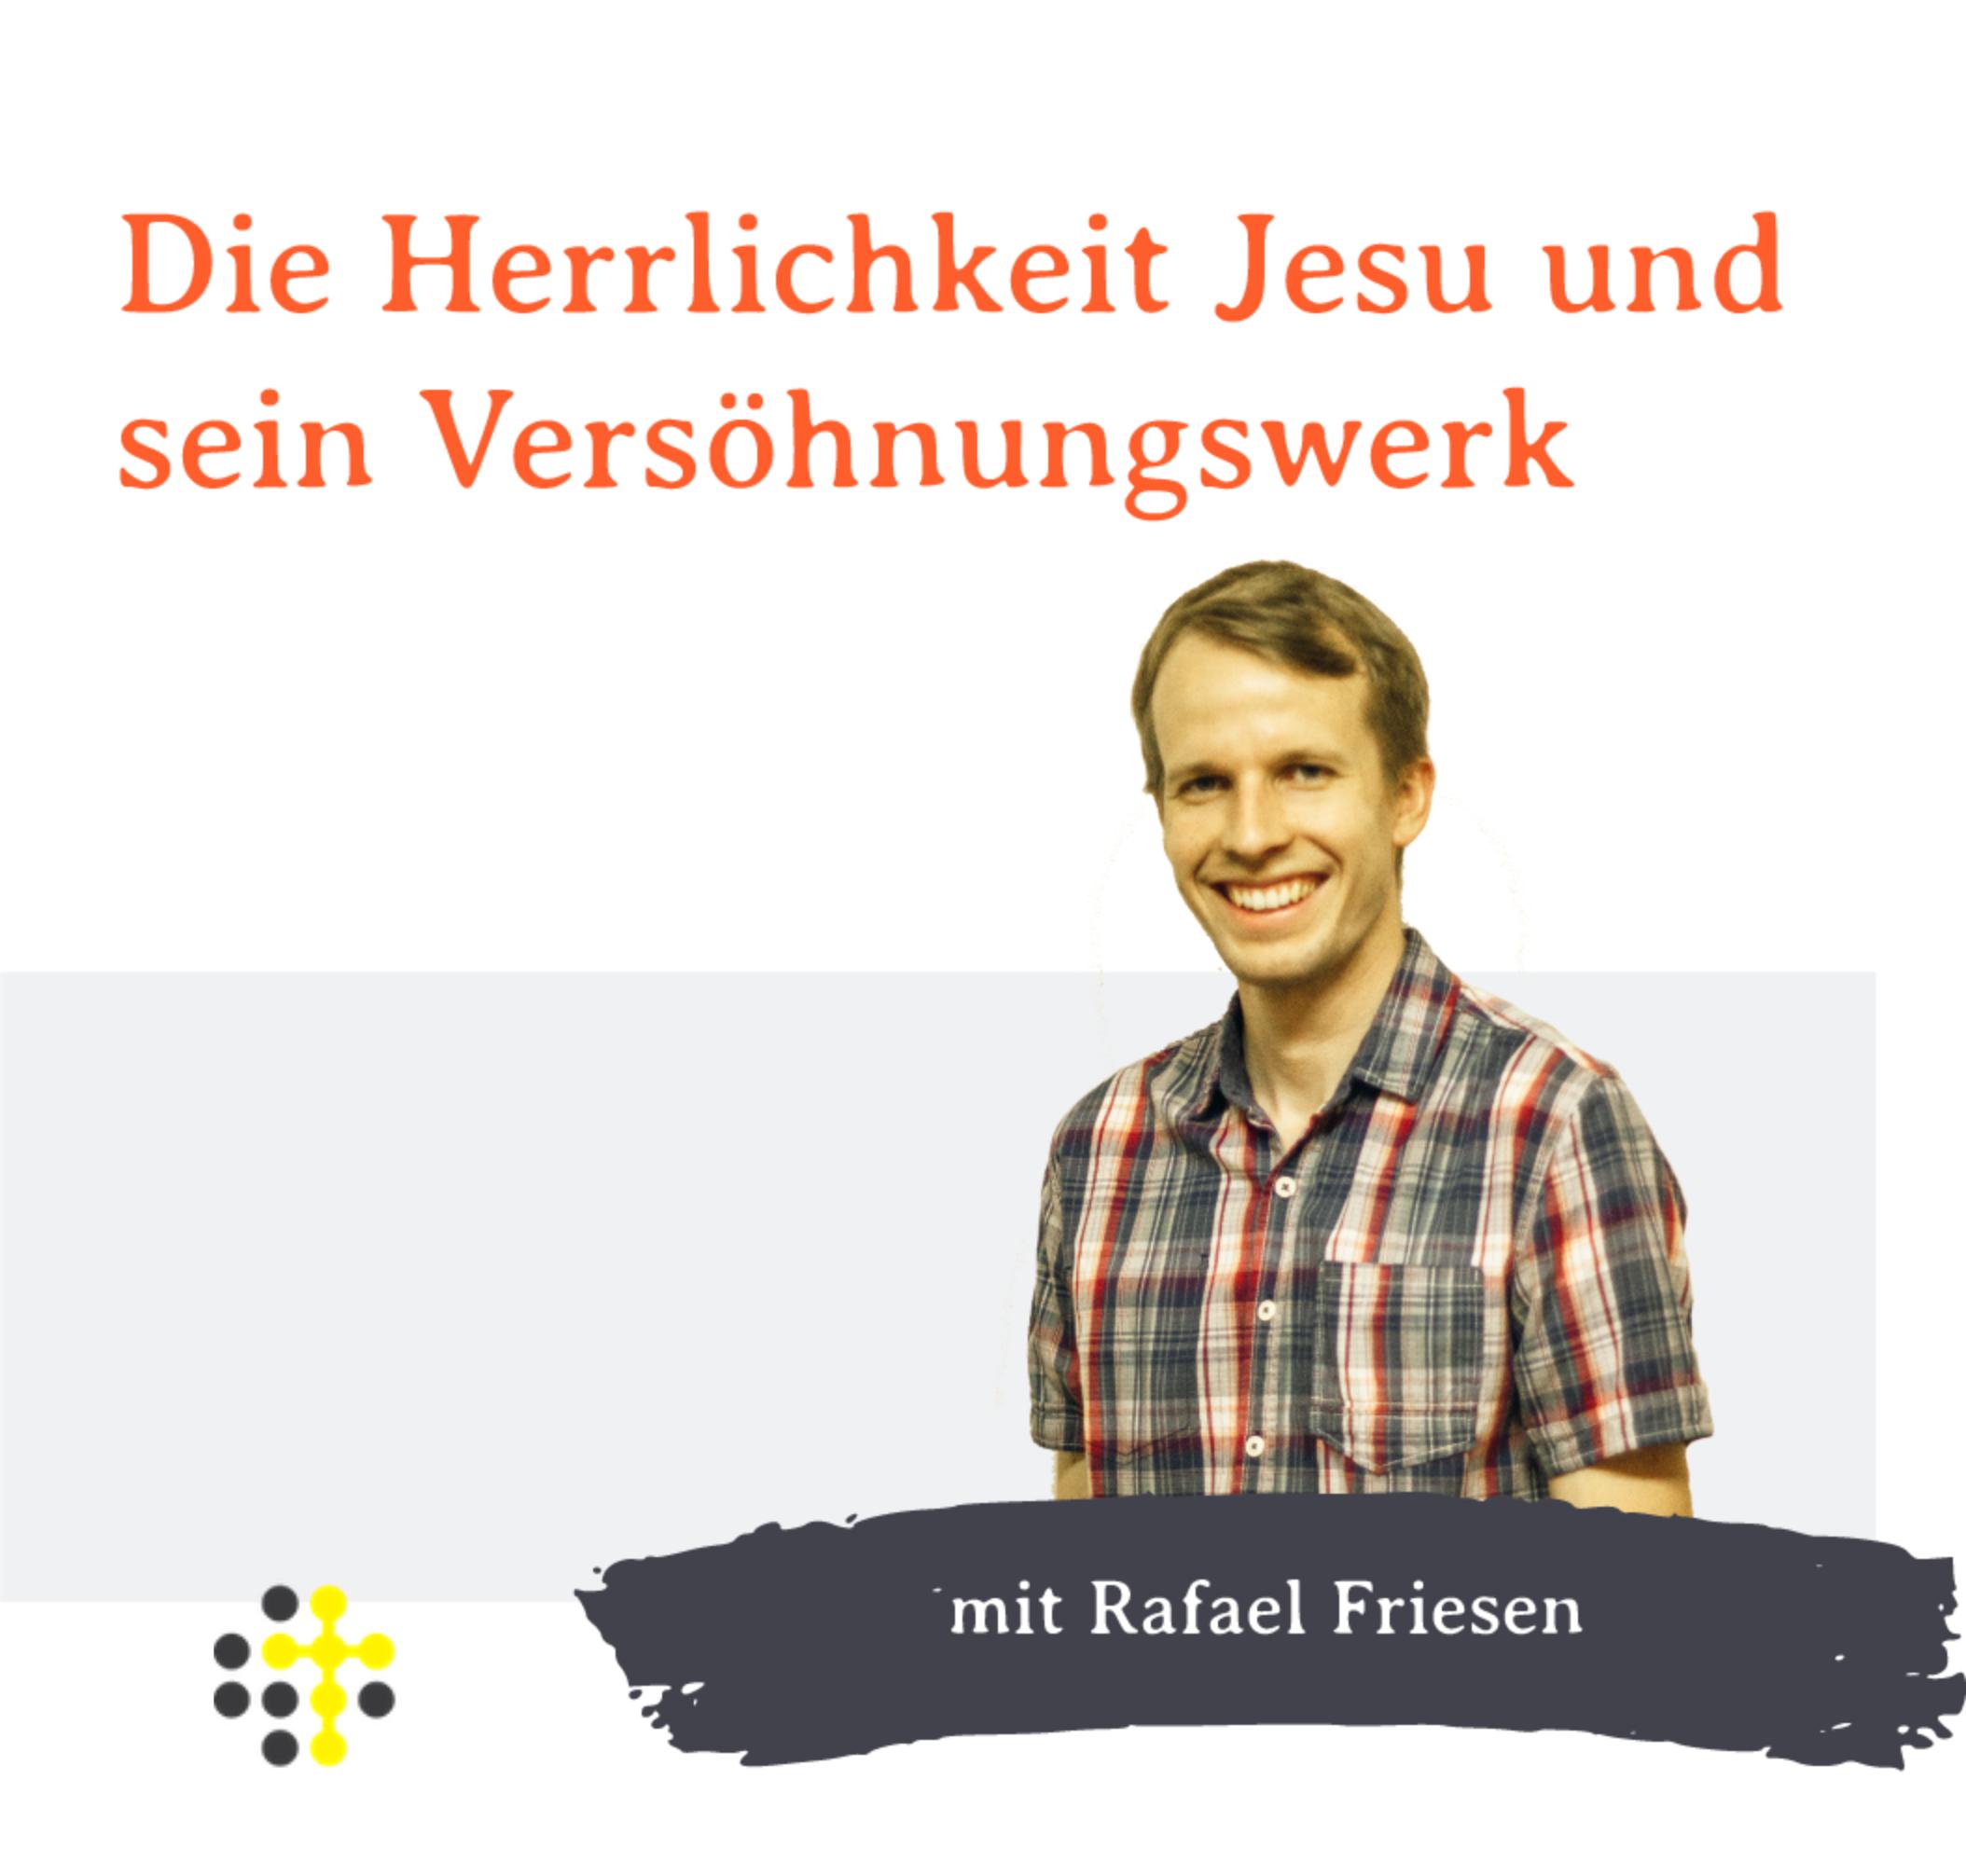 Die Herrlichkeit Jesu und sein Versöhnungswerk - Redner: Rafael Friesen